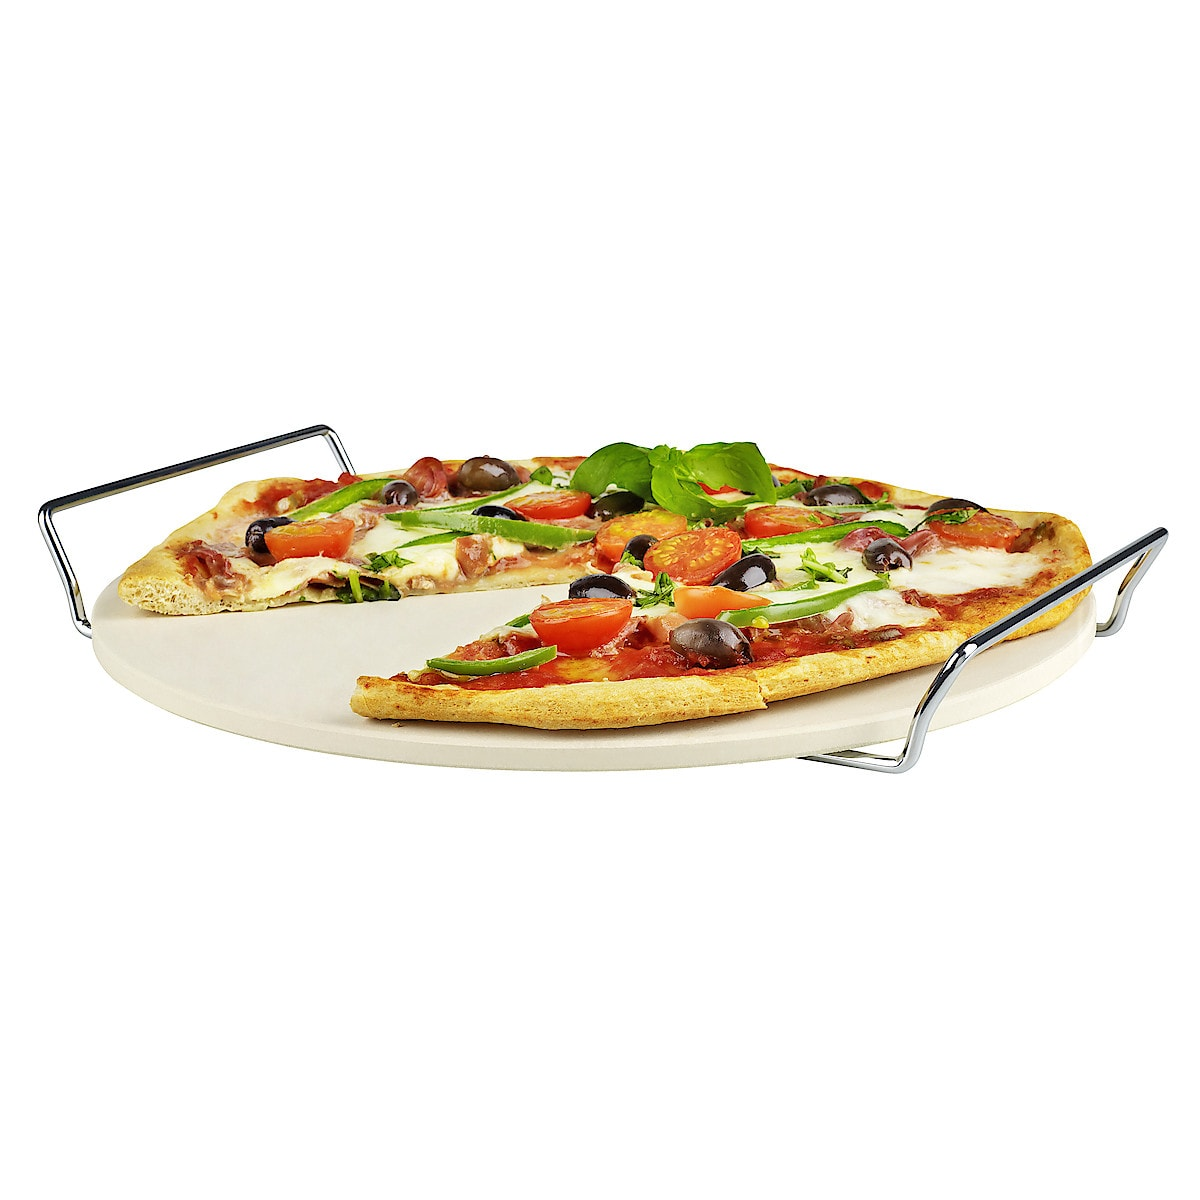 Pizzastein sett